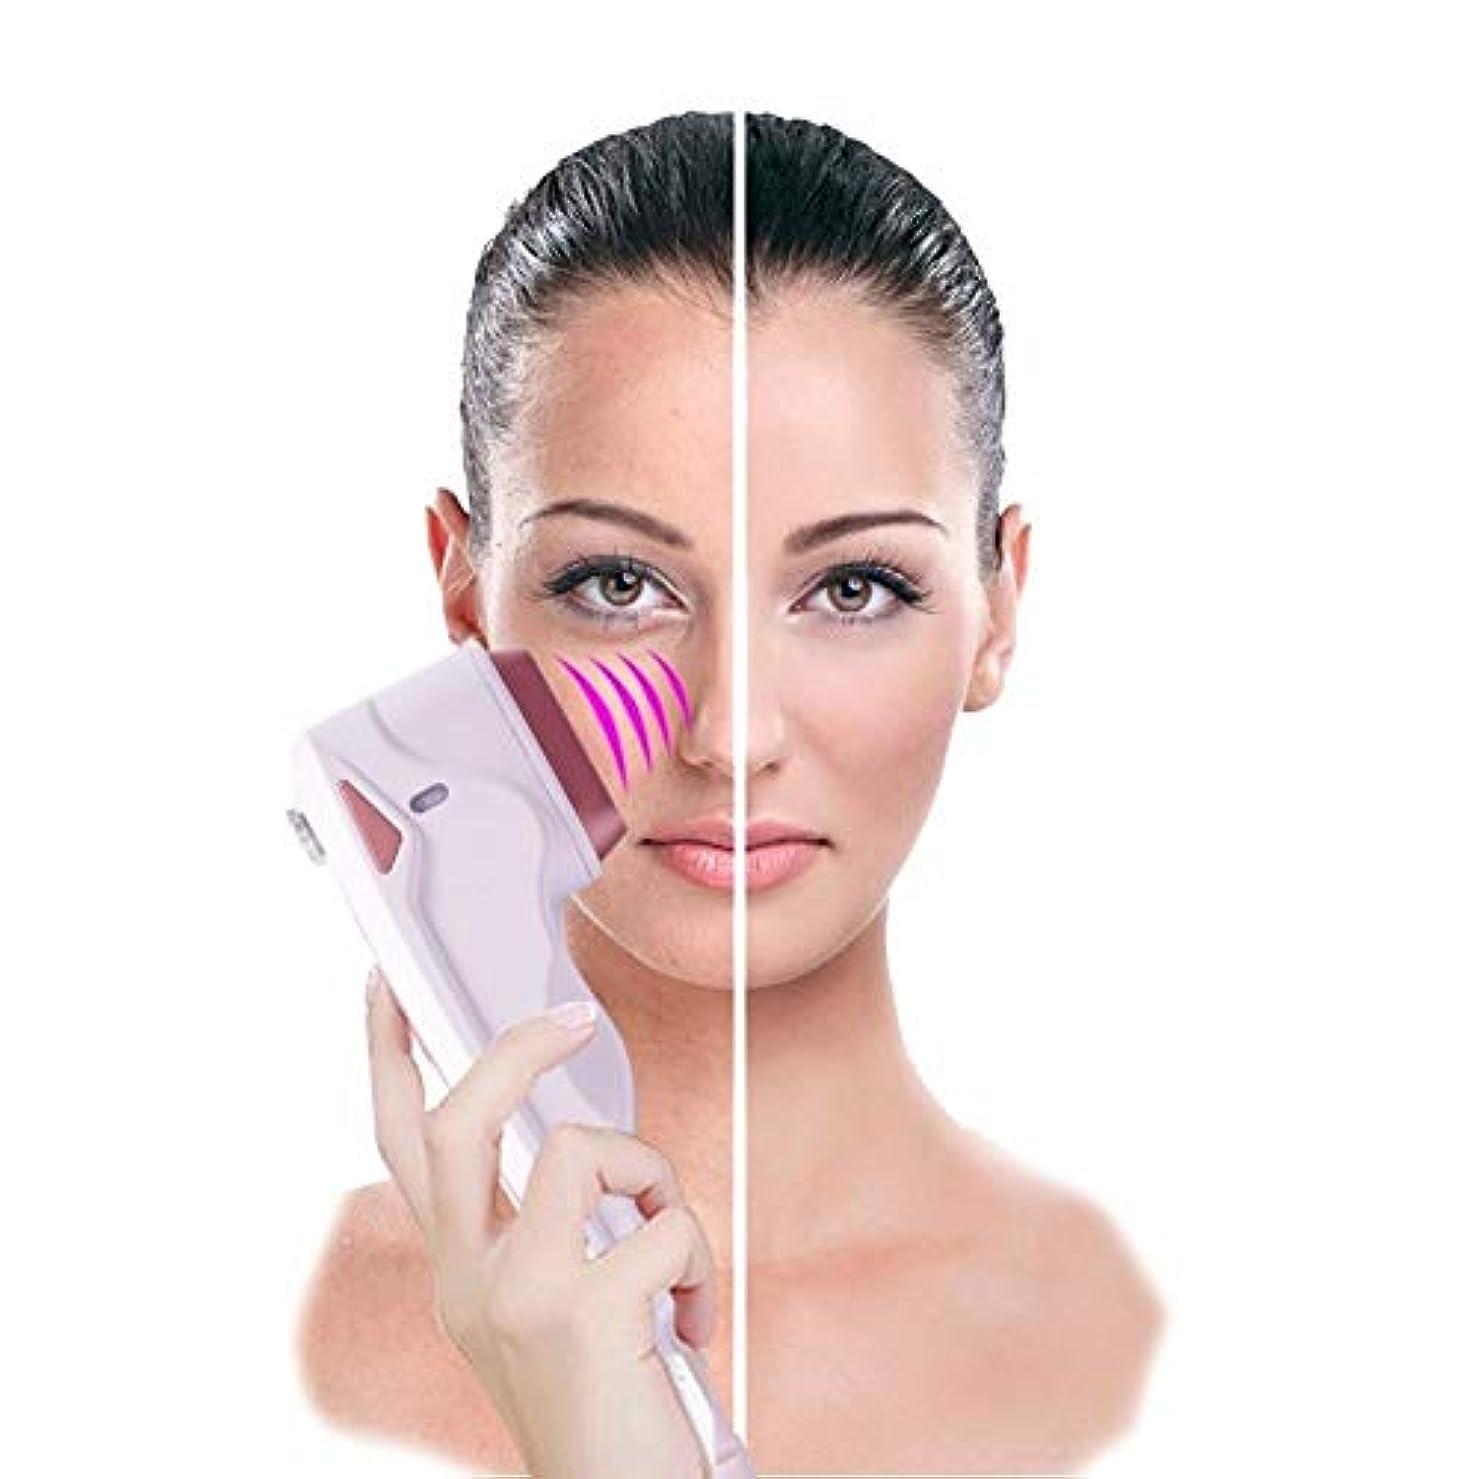 電気陽性栄光ポテト美顔術の持ち上がる機械振動無線周波数のしわは反老化のためのスキンケアの美装置を取り除きます、皮膚のきつく締まるガルバニック微電流の改装機械